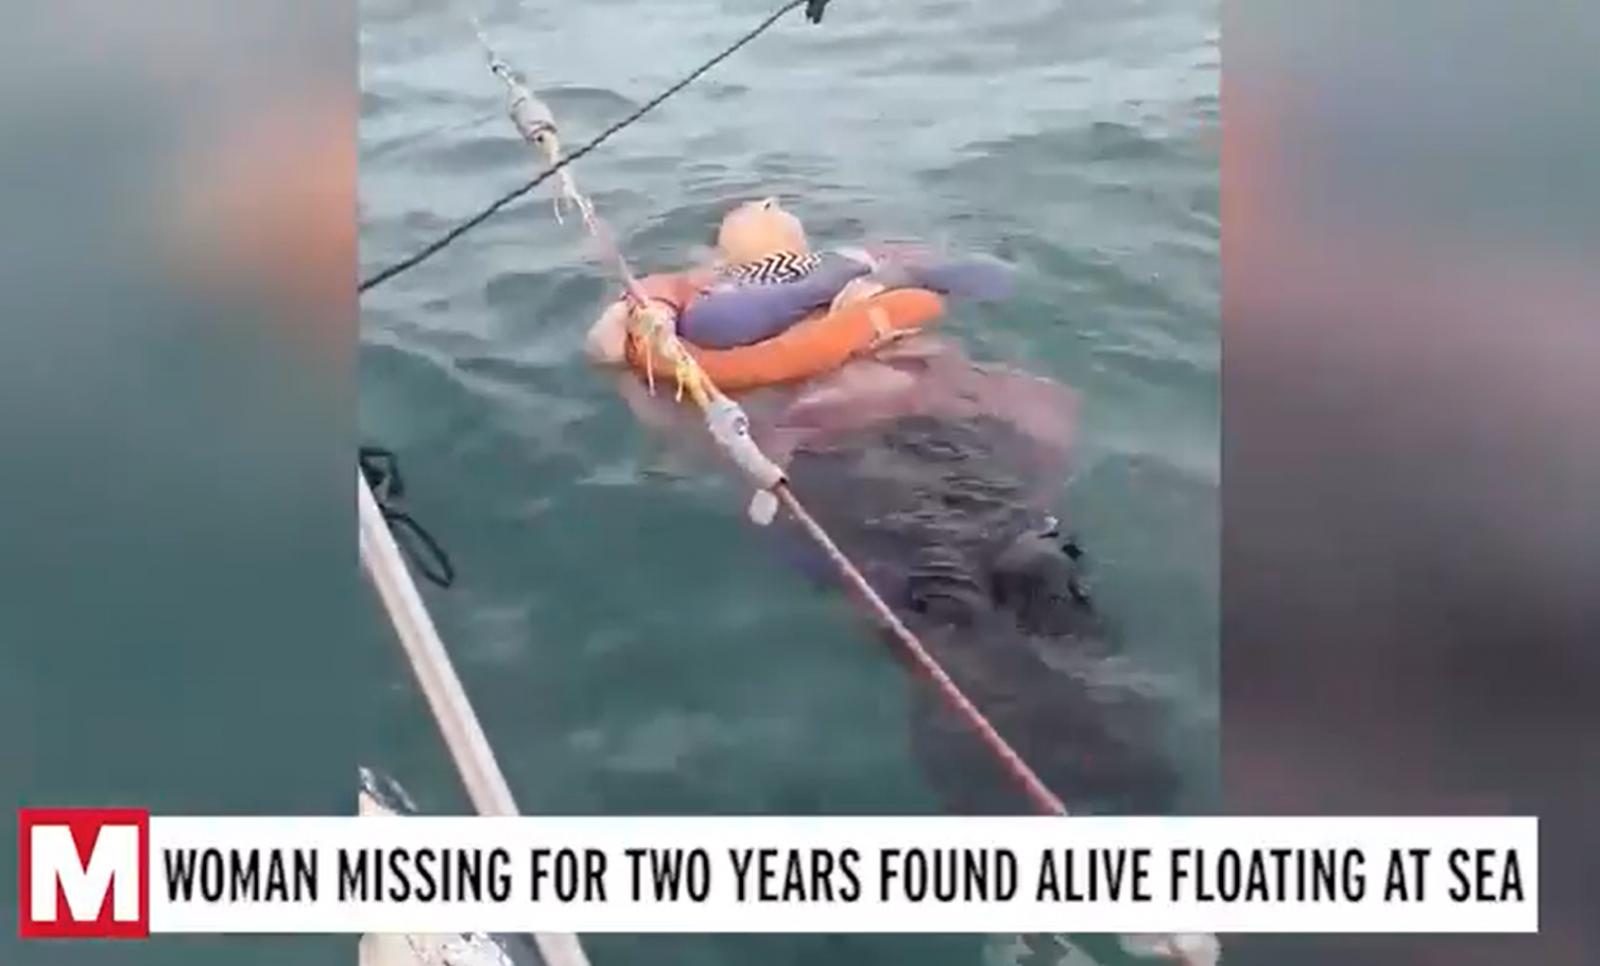 Пропавшую без вести два года назад женщину нашли дрейфующей в море